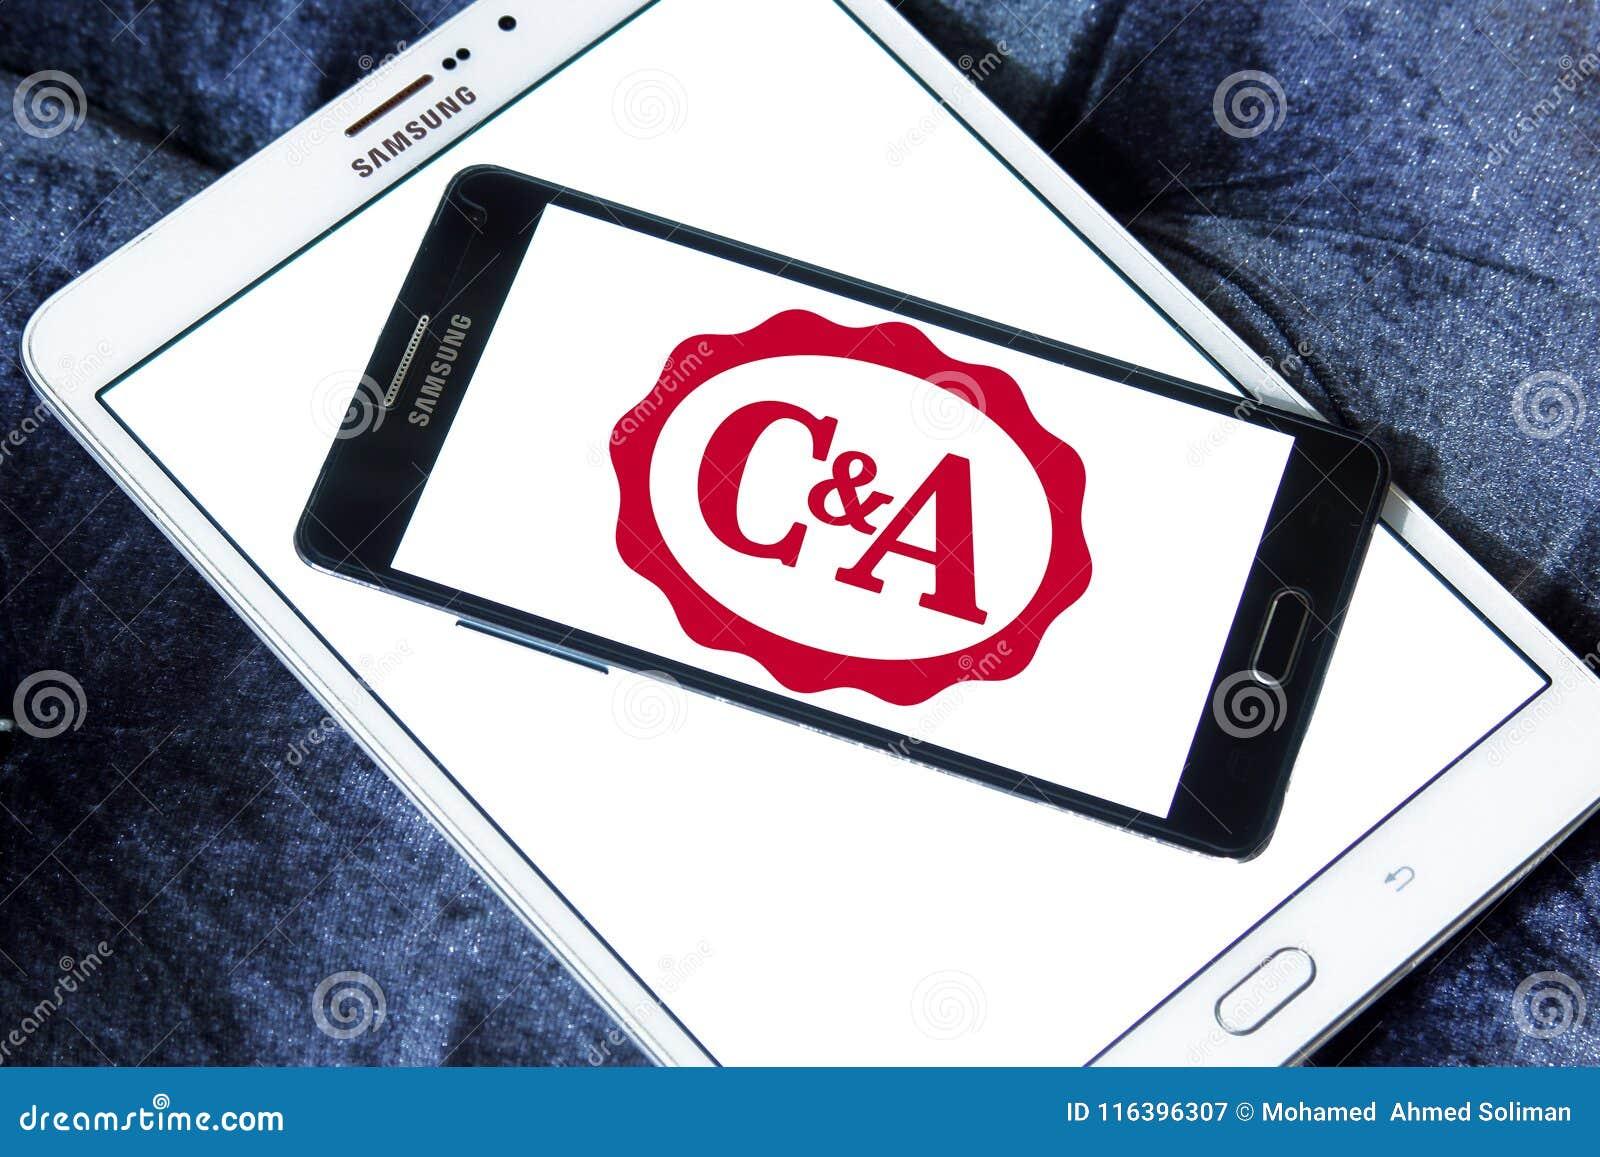 Logotipo Del Minorista De C A Fotografia Editorial Imagen De Ilustracion Muestras 116396307